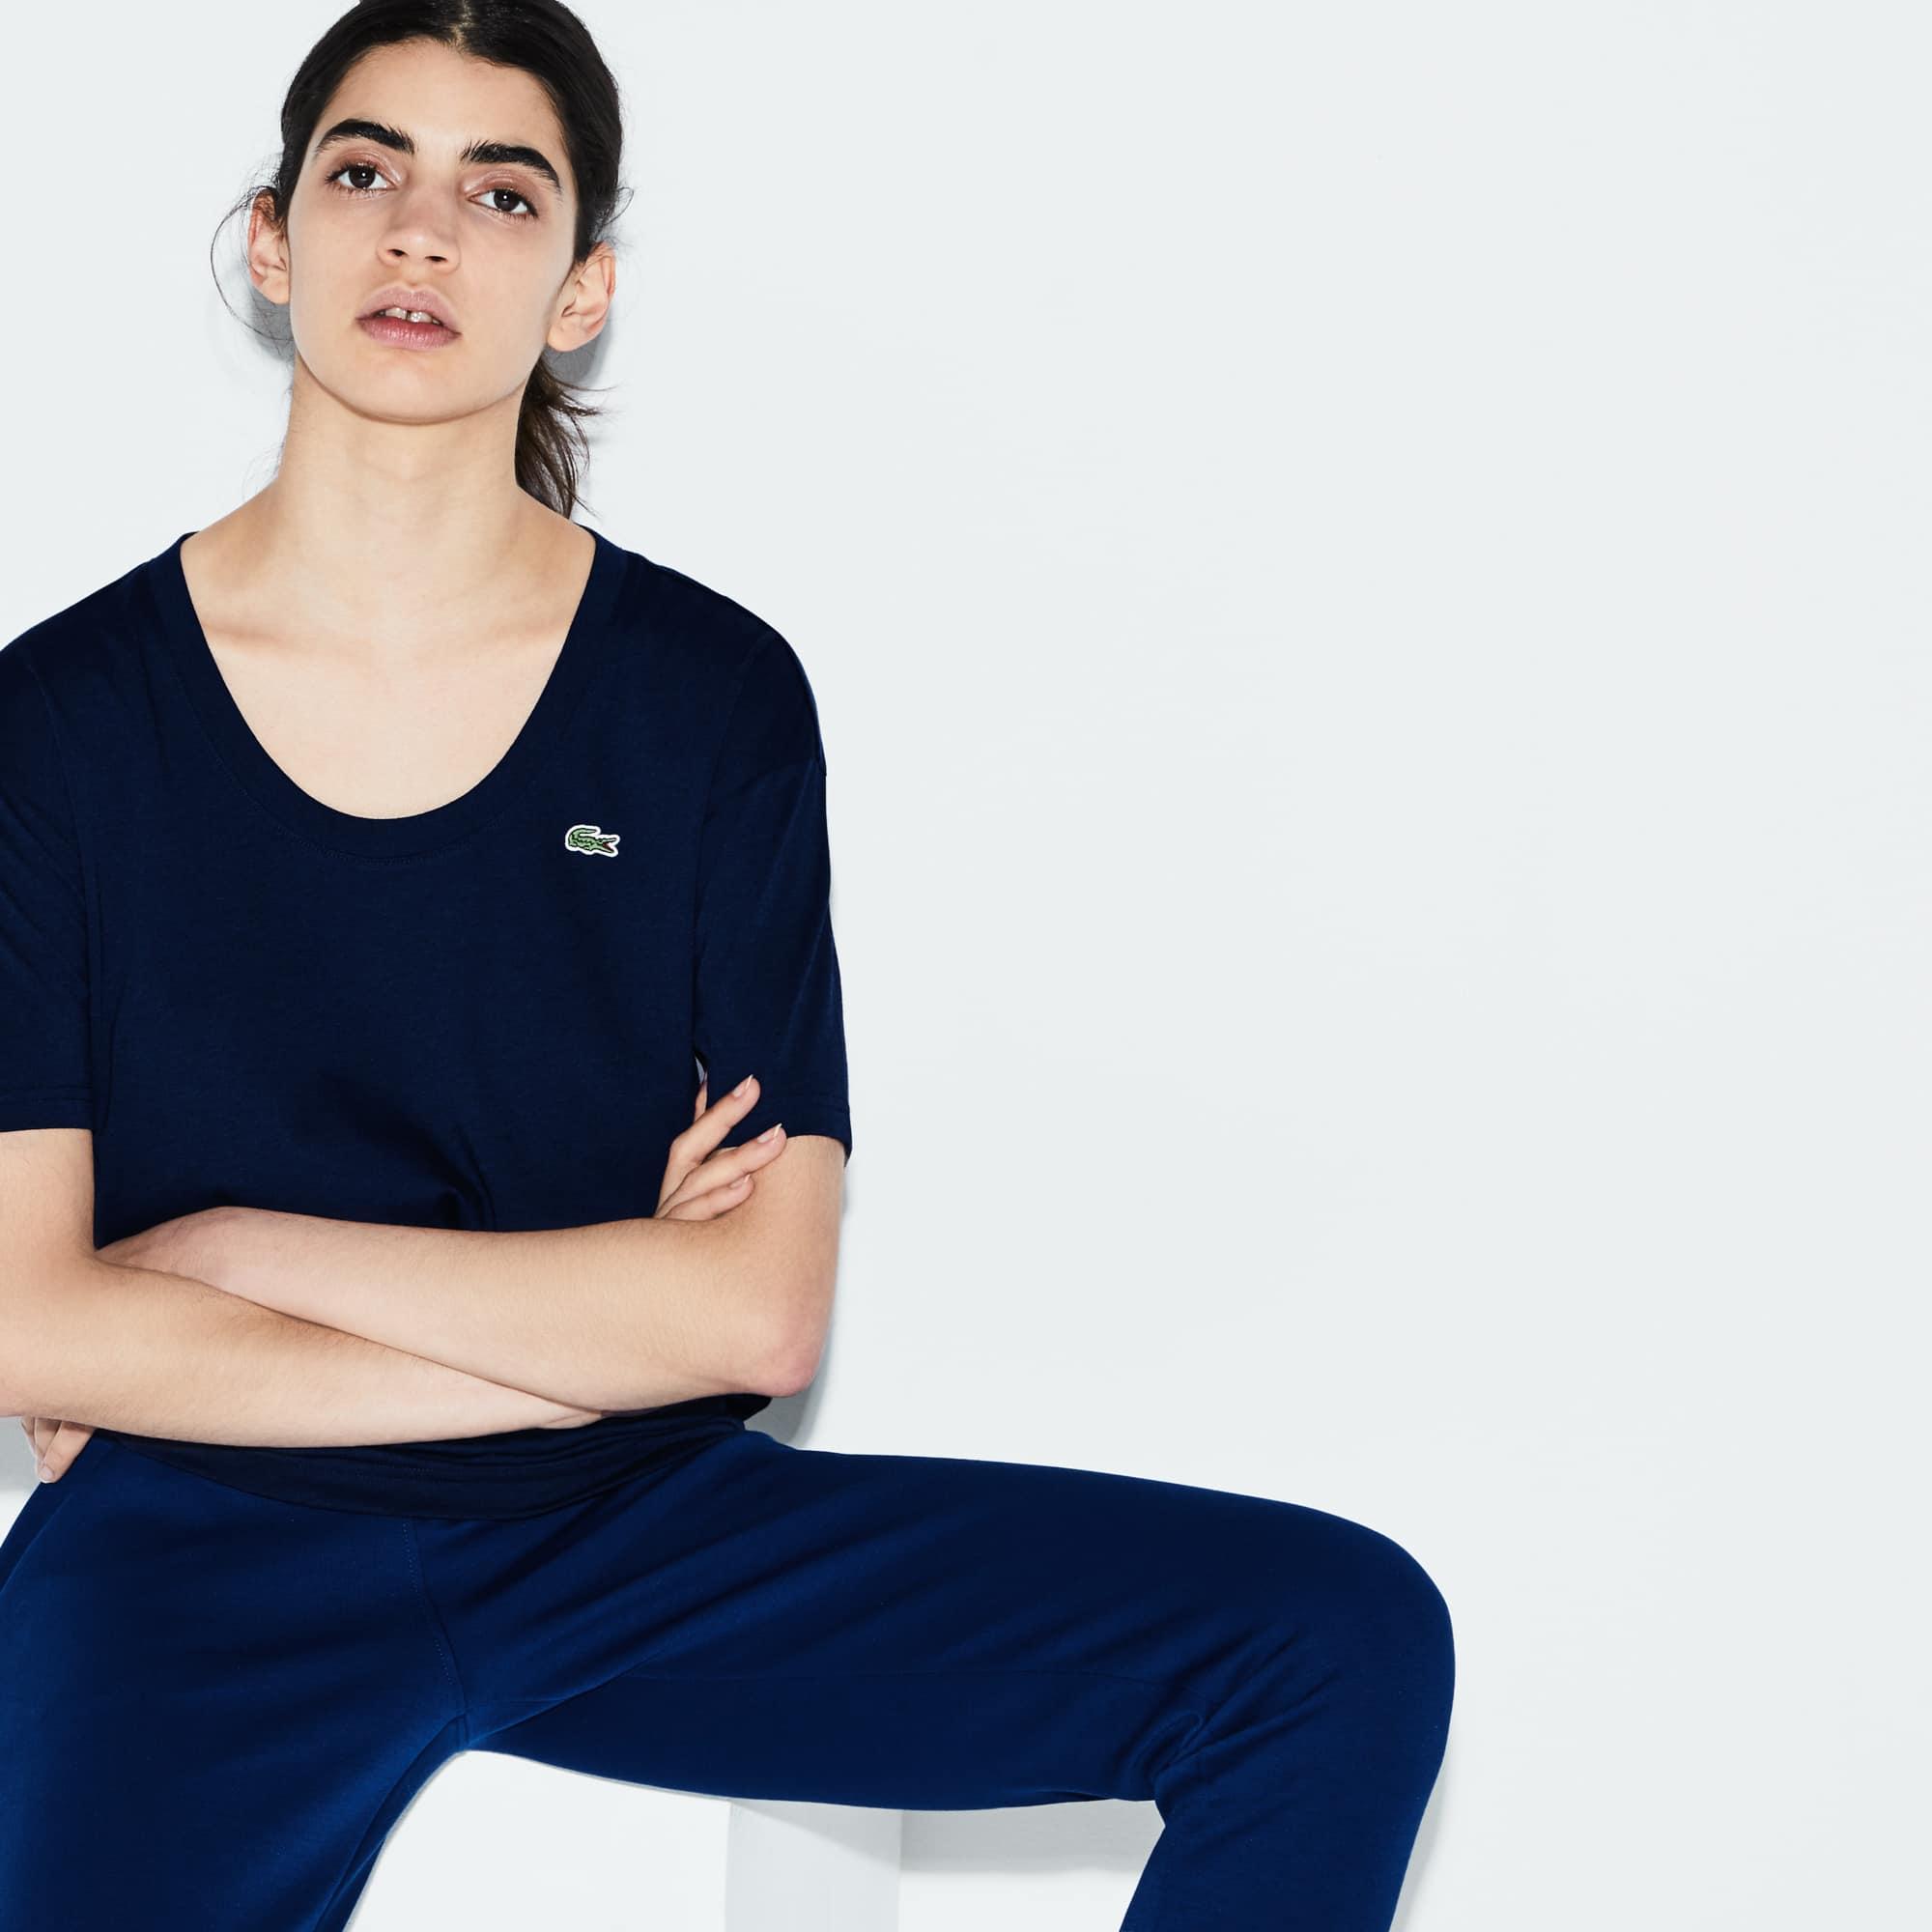 Damen LACOSTE SPORT Tennis T-Shirt aus geschmeidigem Jersey